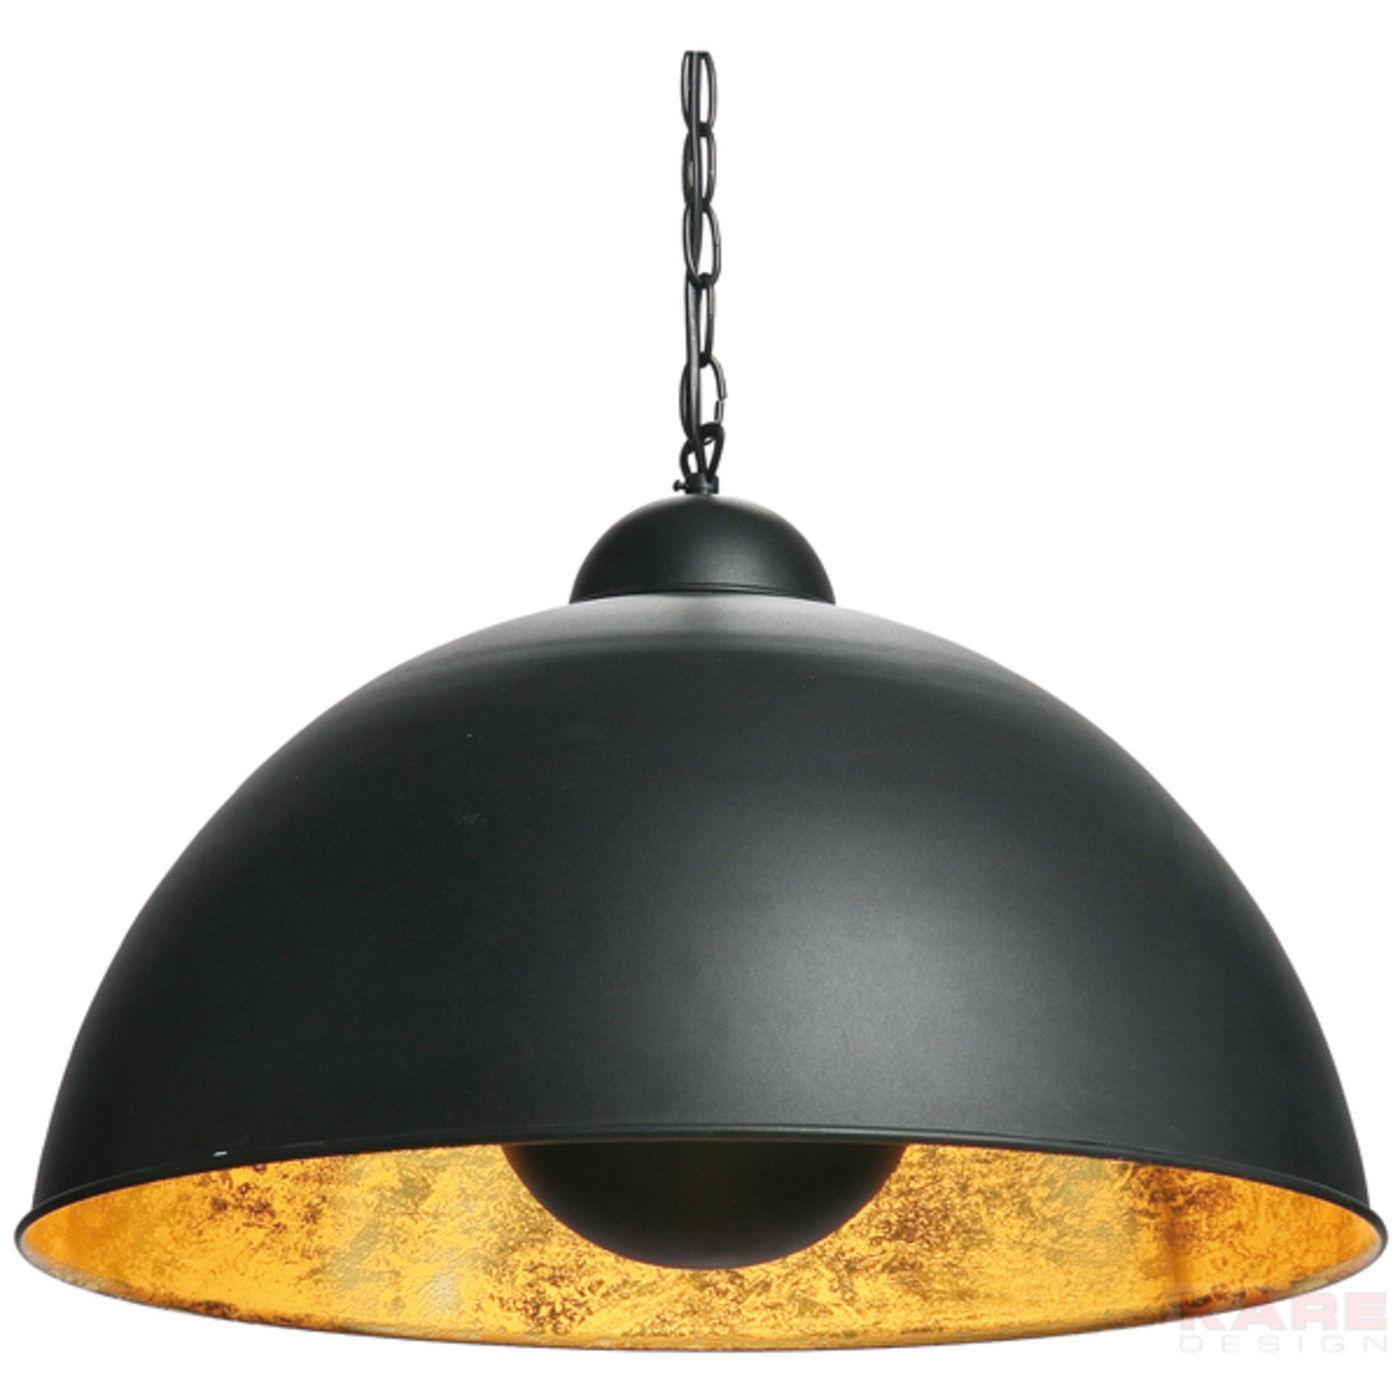 Billede af Kare Design Loftslampe, Dottore